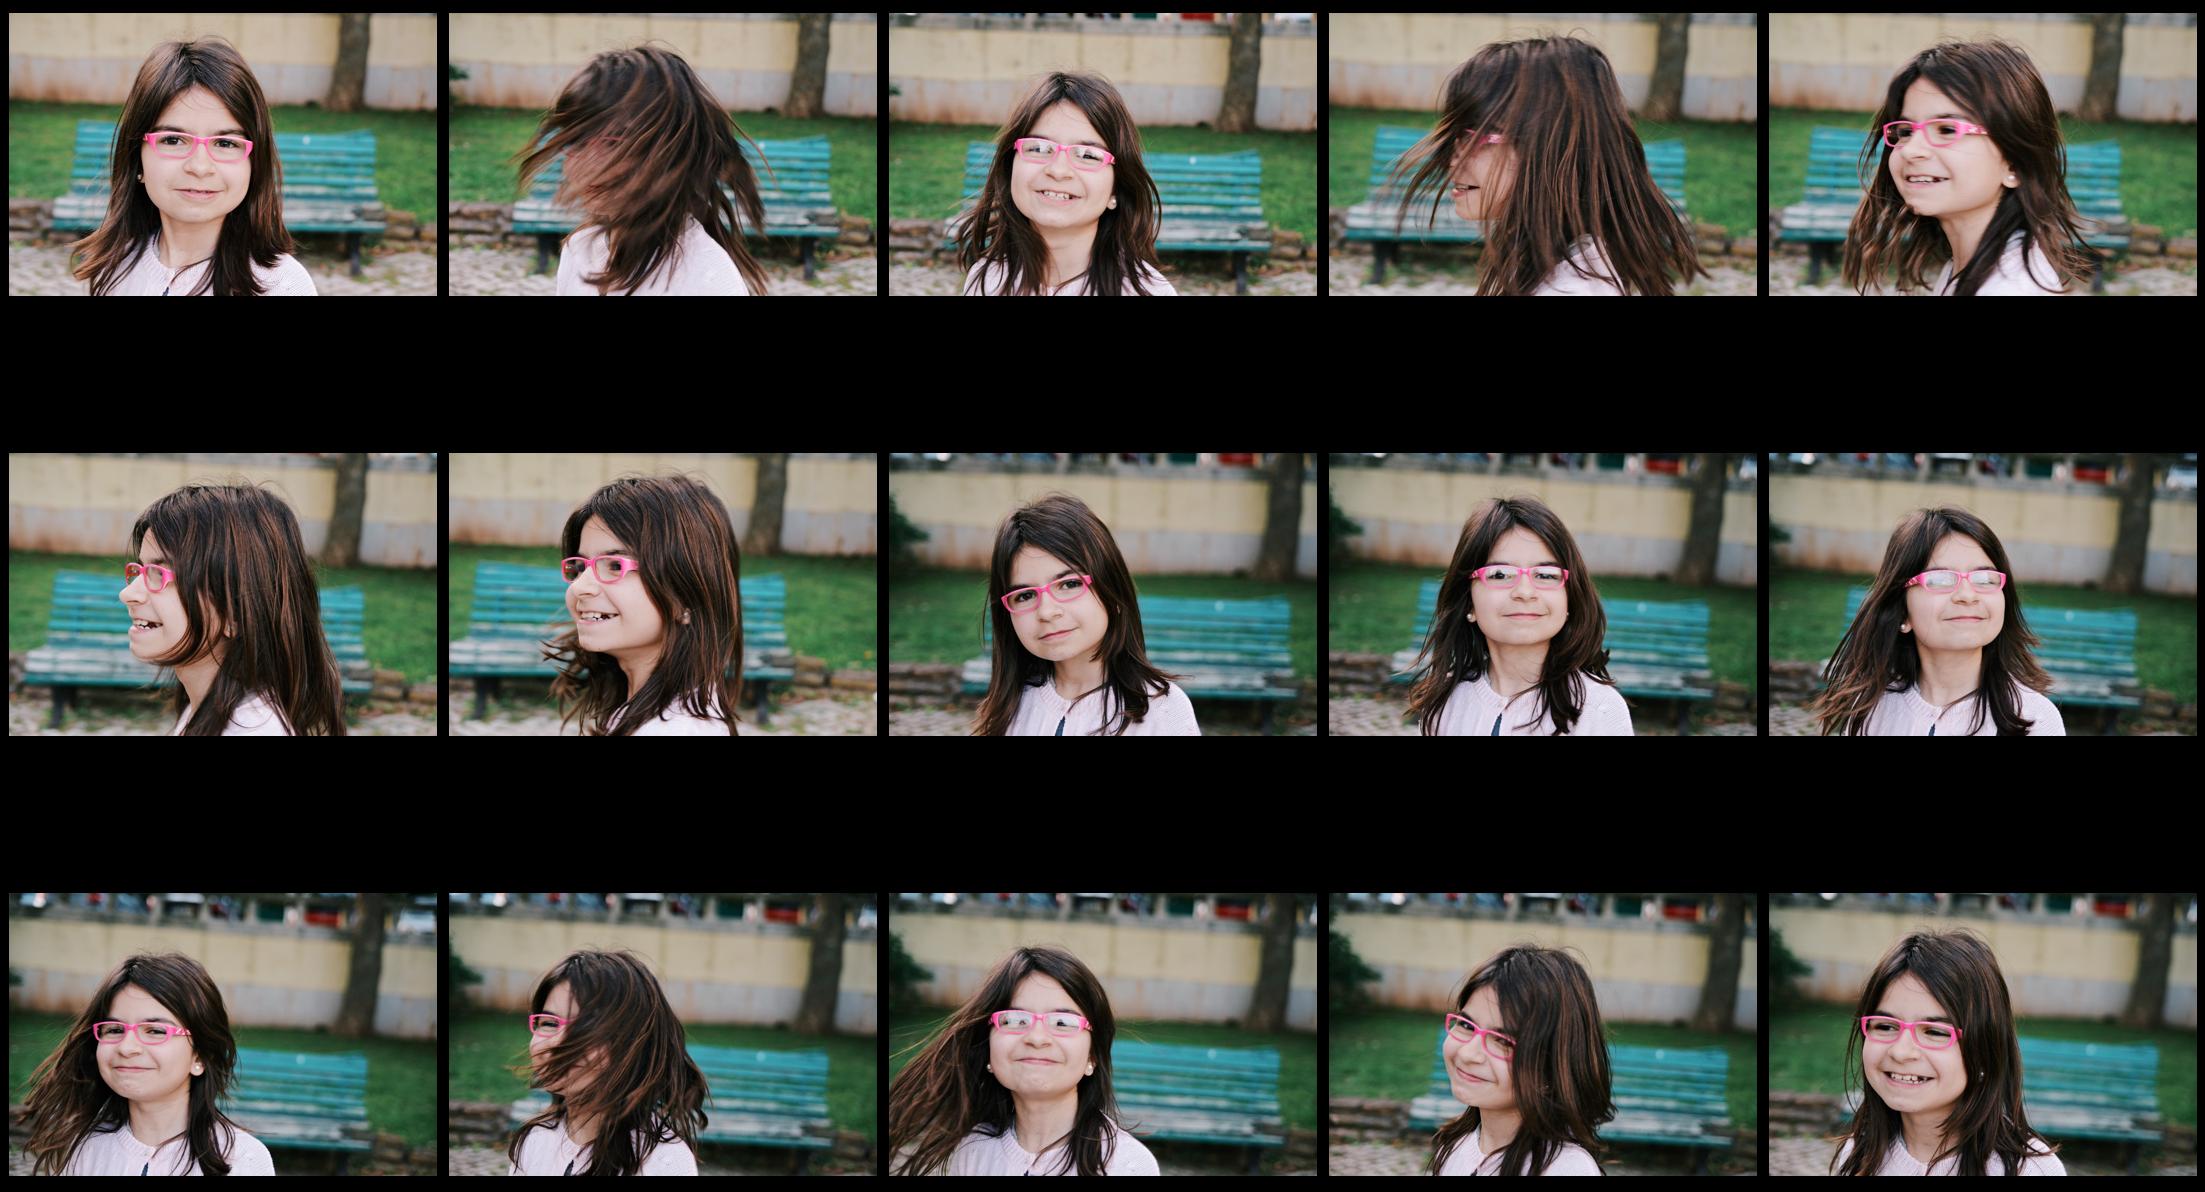 Screen Shot 2014-04-28 at 2.56.54 PM